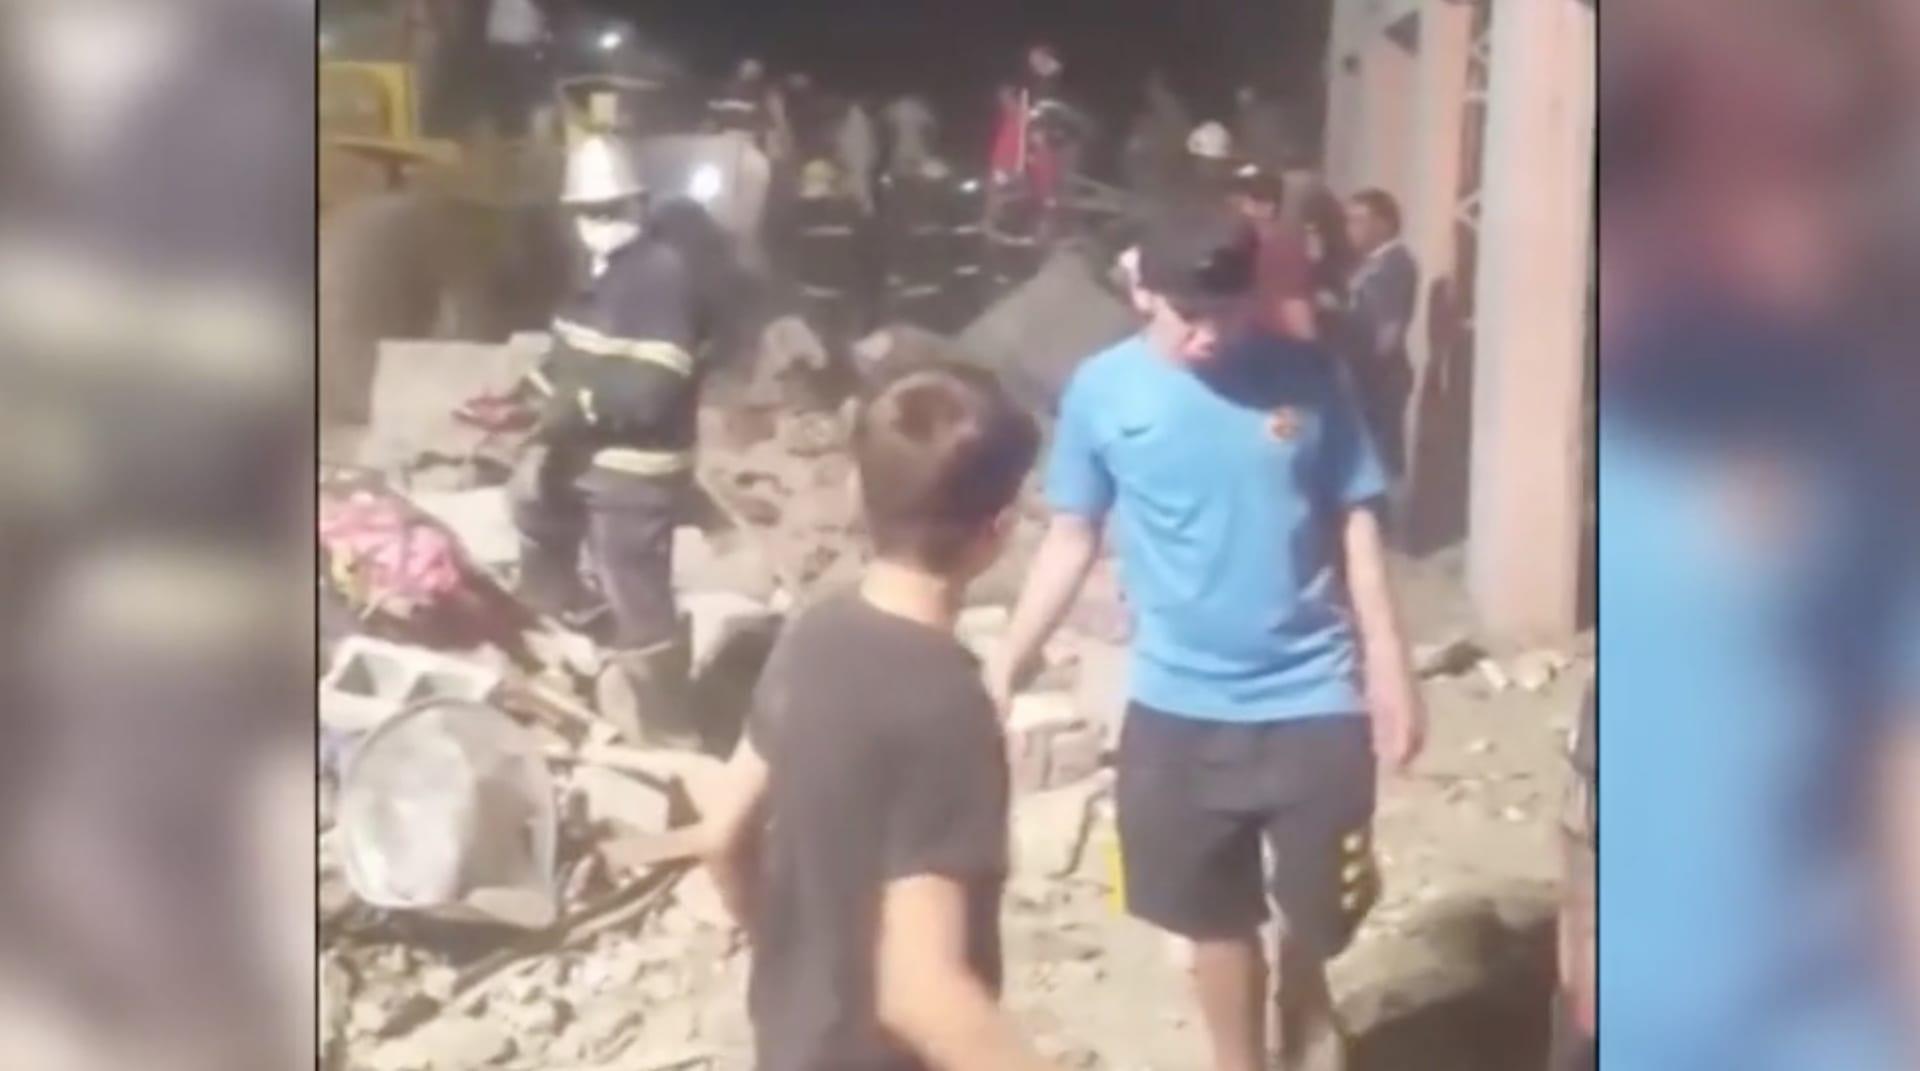 انفجار في مدينة الصدر يخلف عشرات القتلى والجرحى